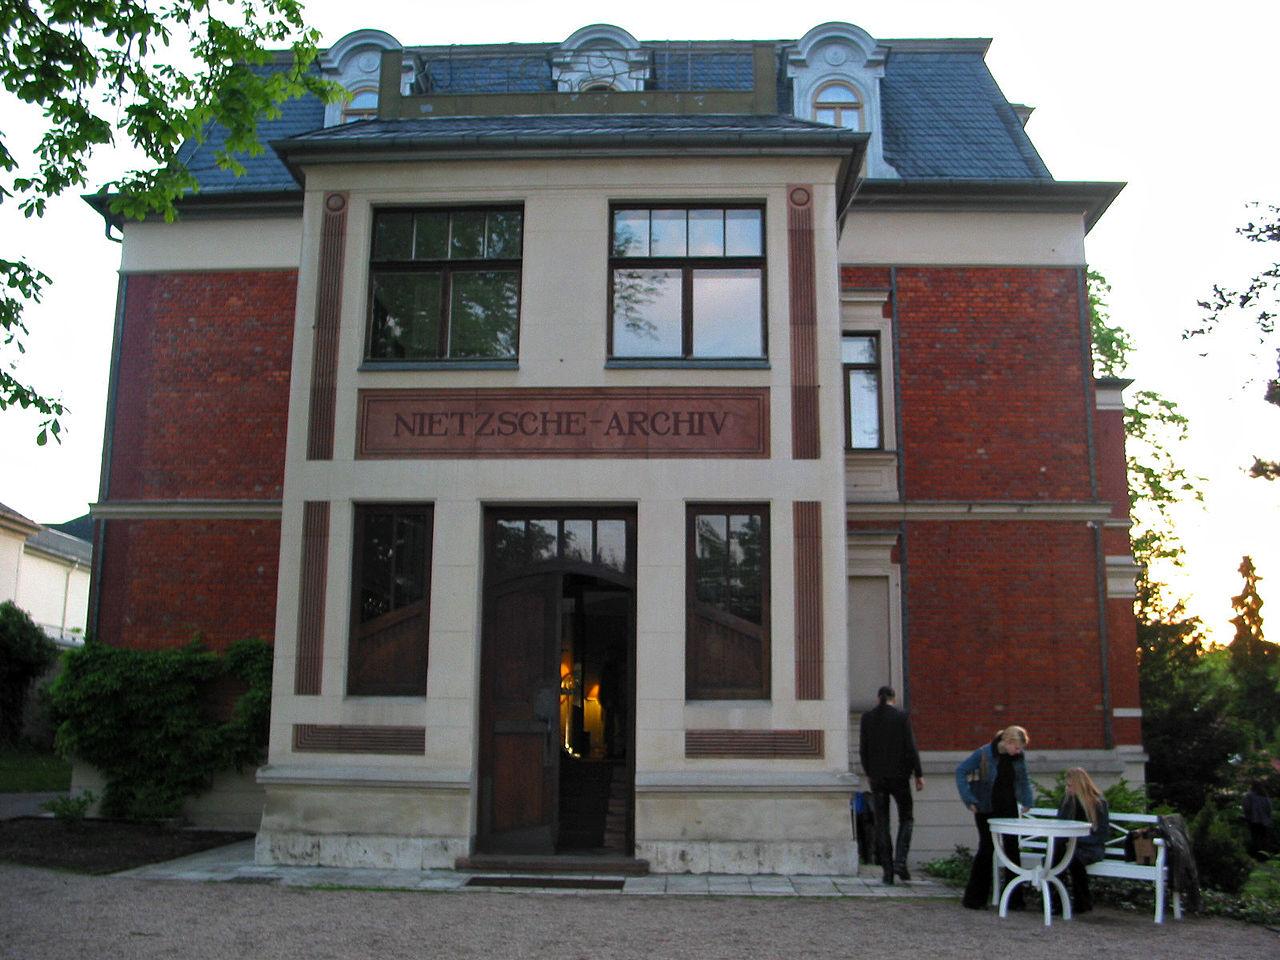 Bild Nietzsche Archiv Weimar